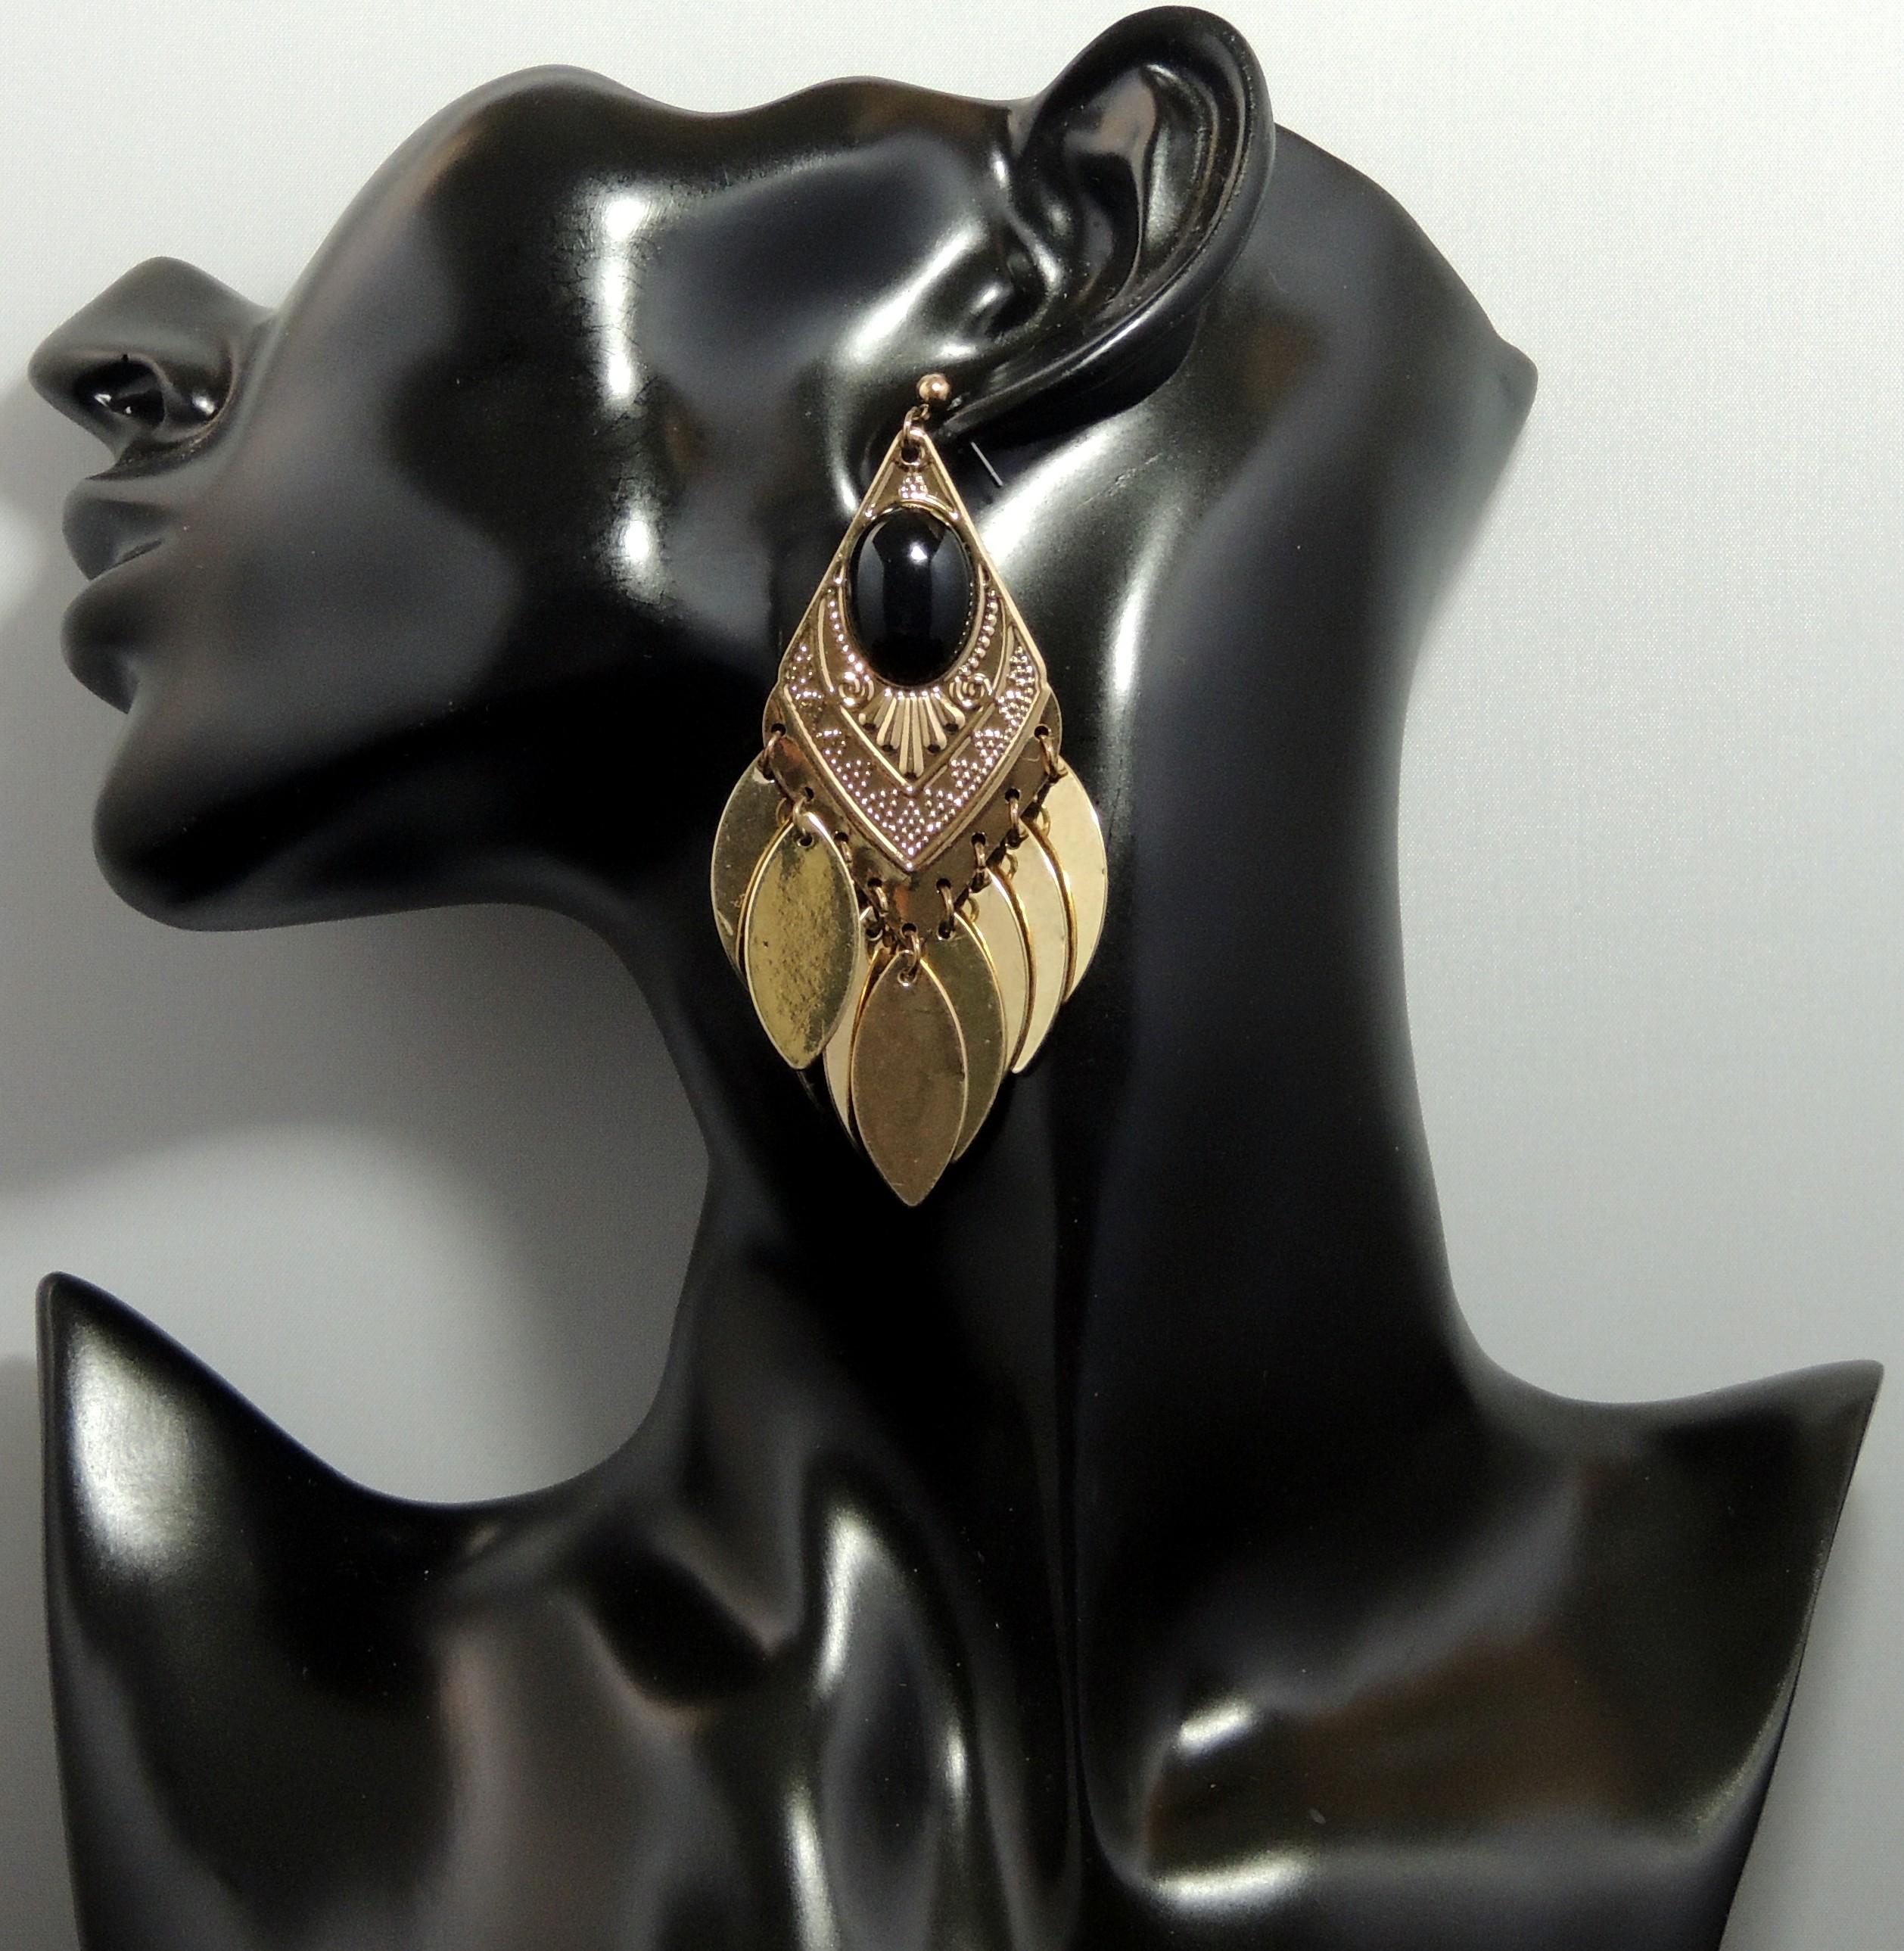 couleurs et frappant doux et léger apparence élégante Boucles en métal doré martelé orné d'une pierre noire, 1 partie fixe et une  partie mobile avec des feuilles pendantes